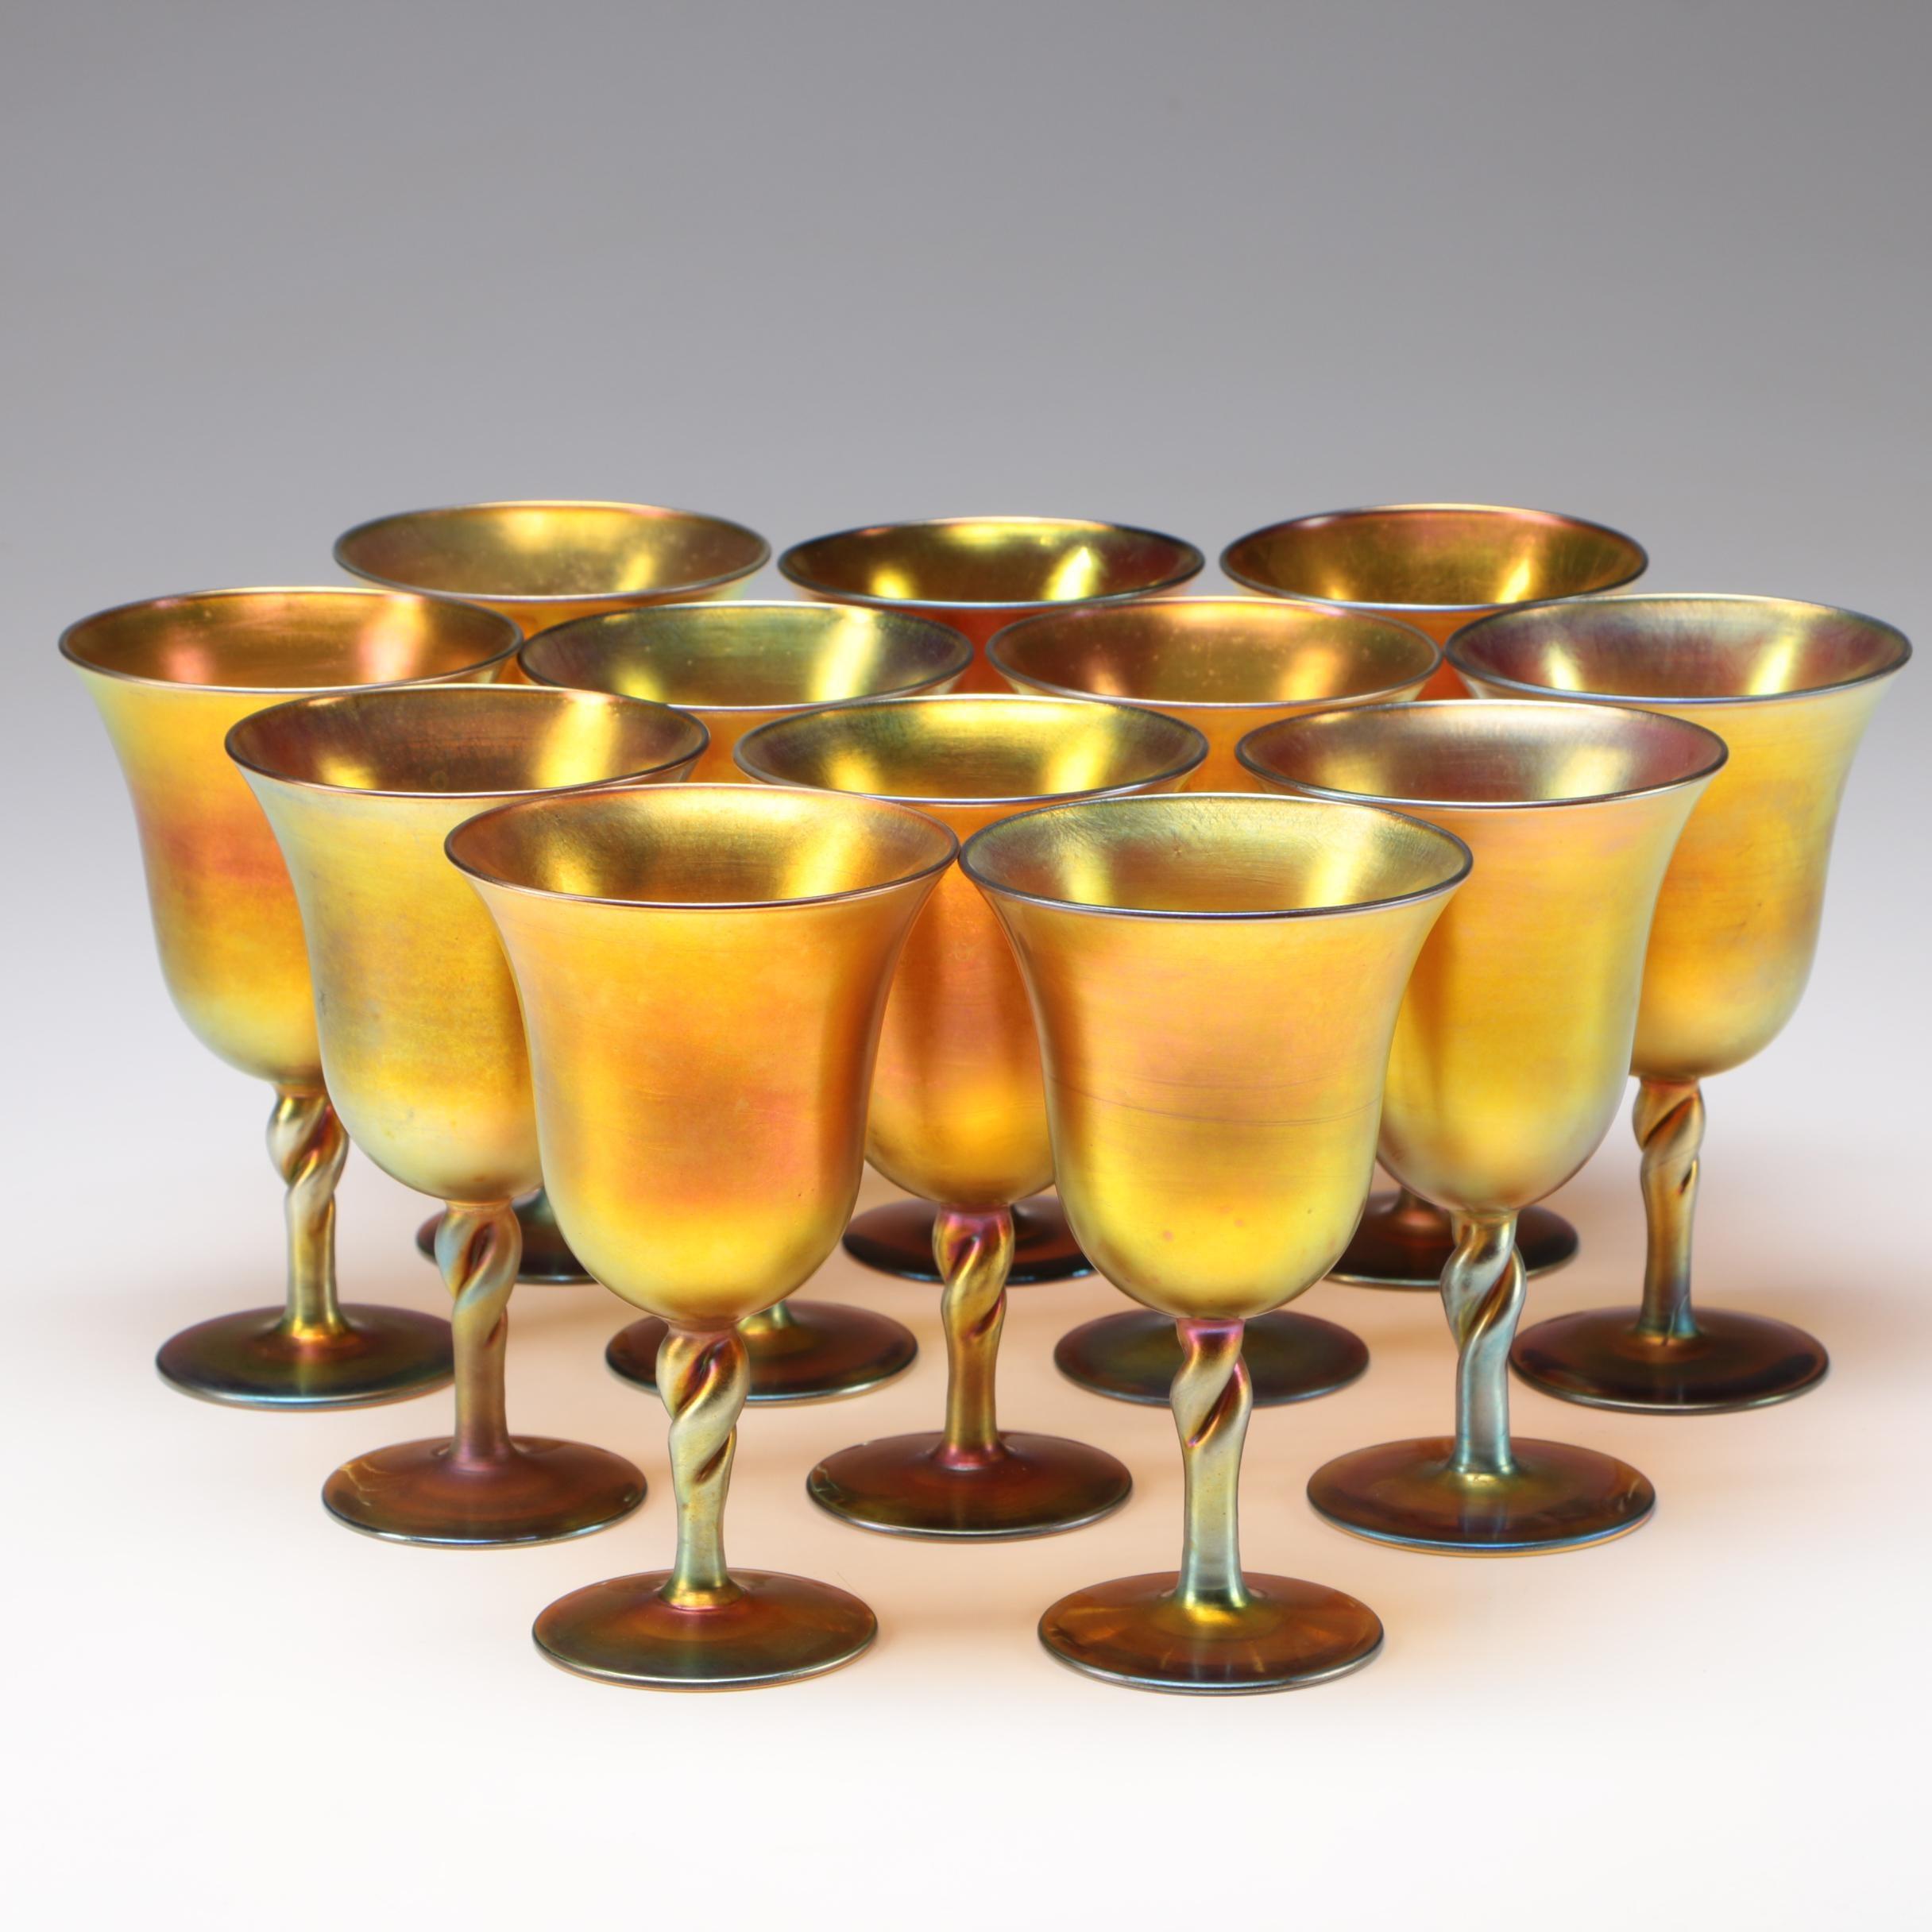 Steuben Art Glass Gold Aurene Goblet Set Designed by Frederick Carder, c.1923